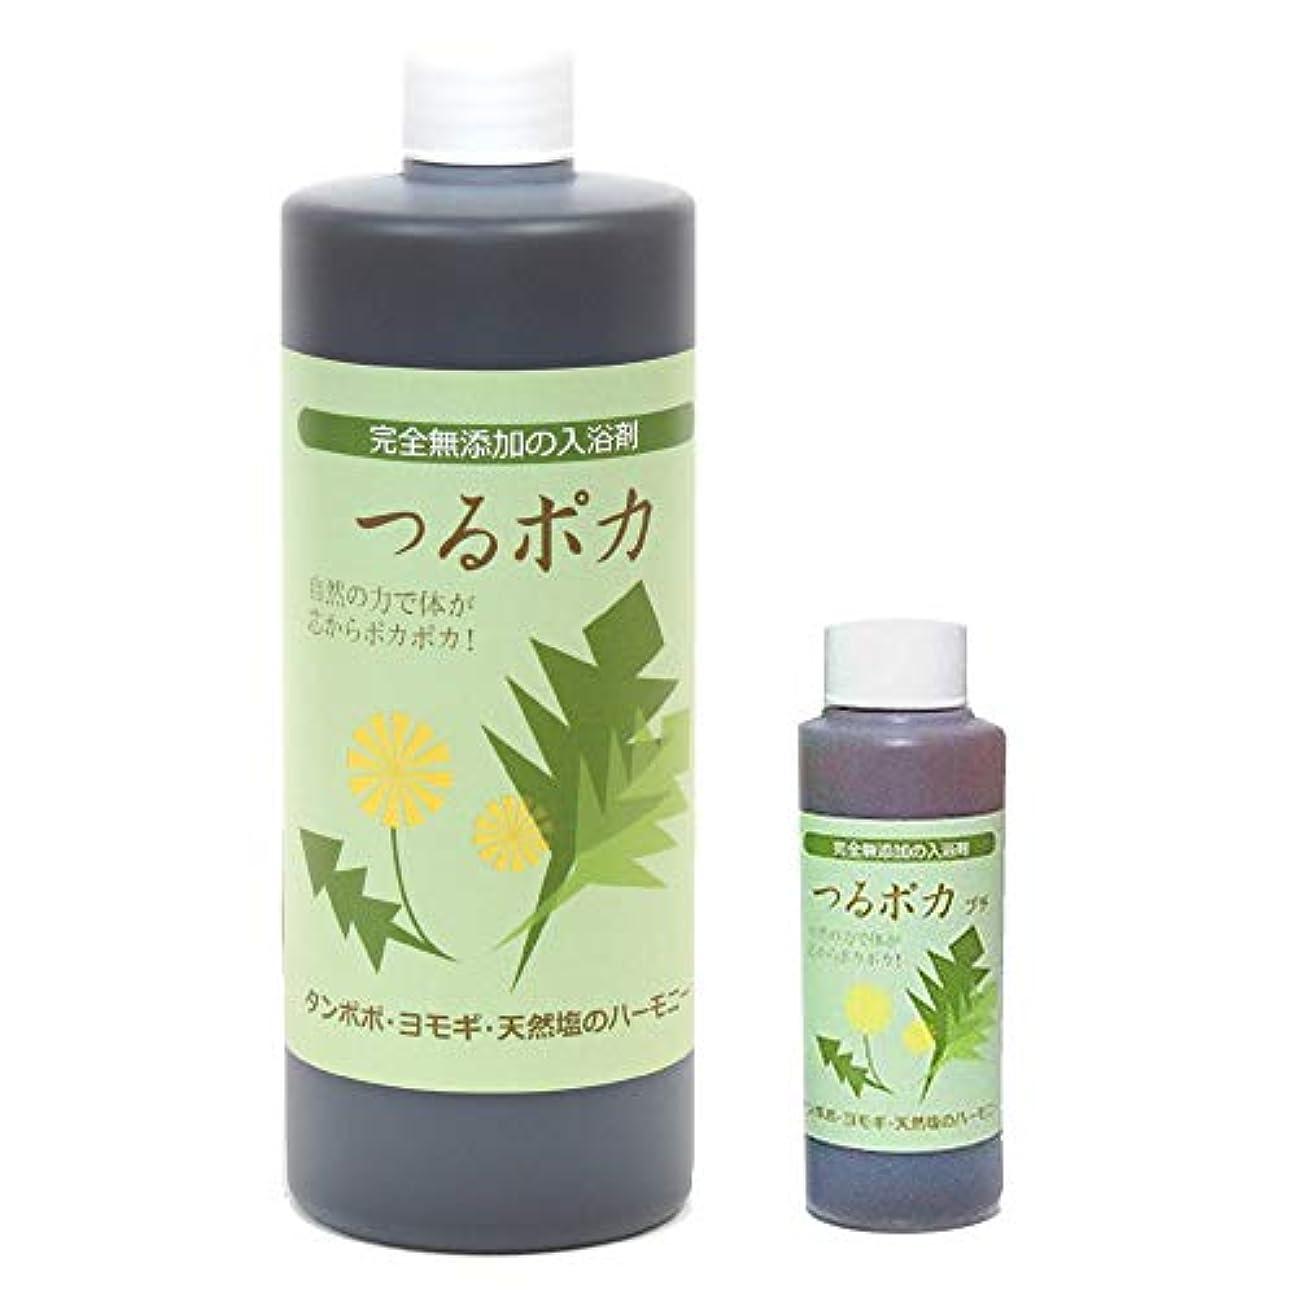 項目腹不十分なつるポカ入浴剤 500ml+60ml おまけ (ばんのう酵母くん姉妹商品)